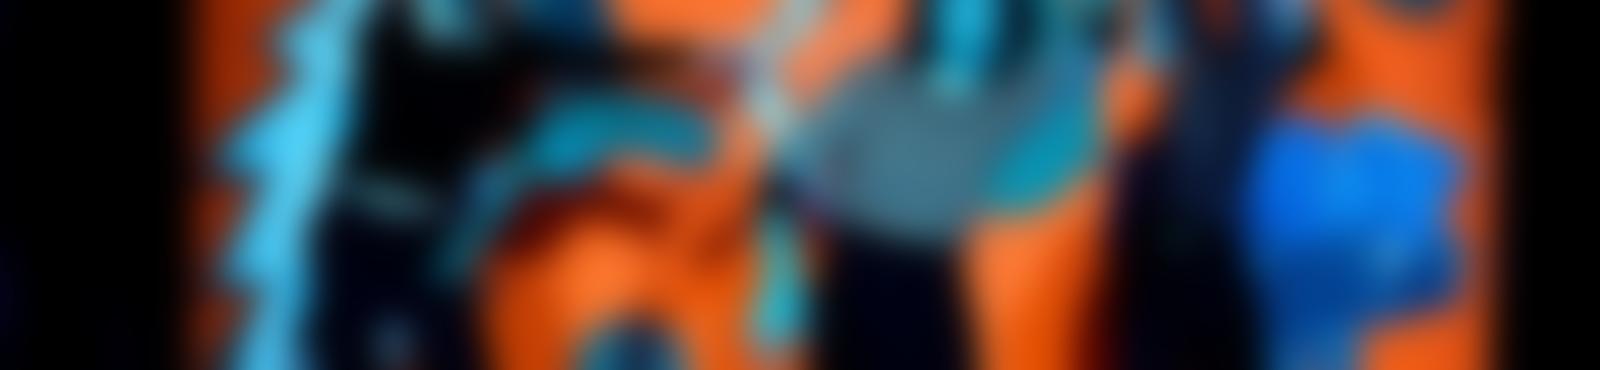 Blurred 4580bf3c d302 414c aa03 5a47f4449f3b